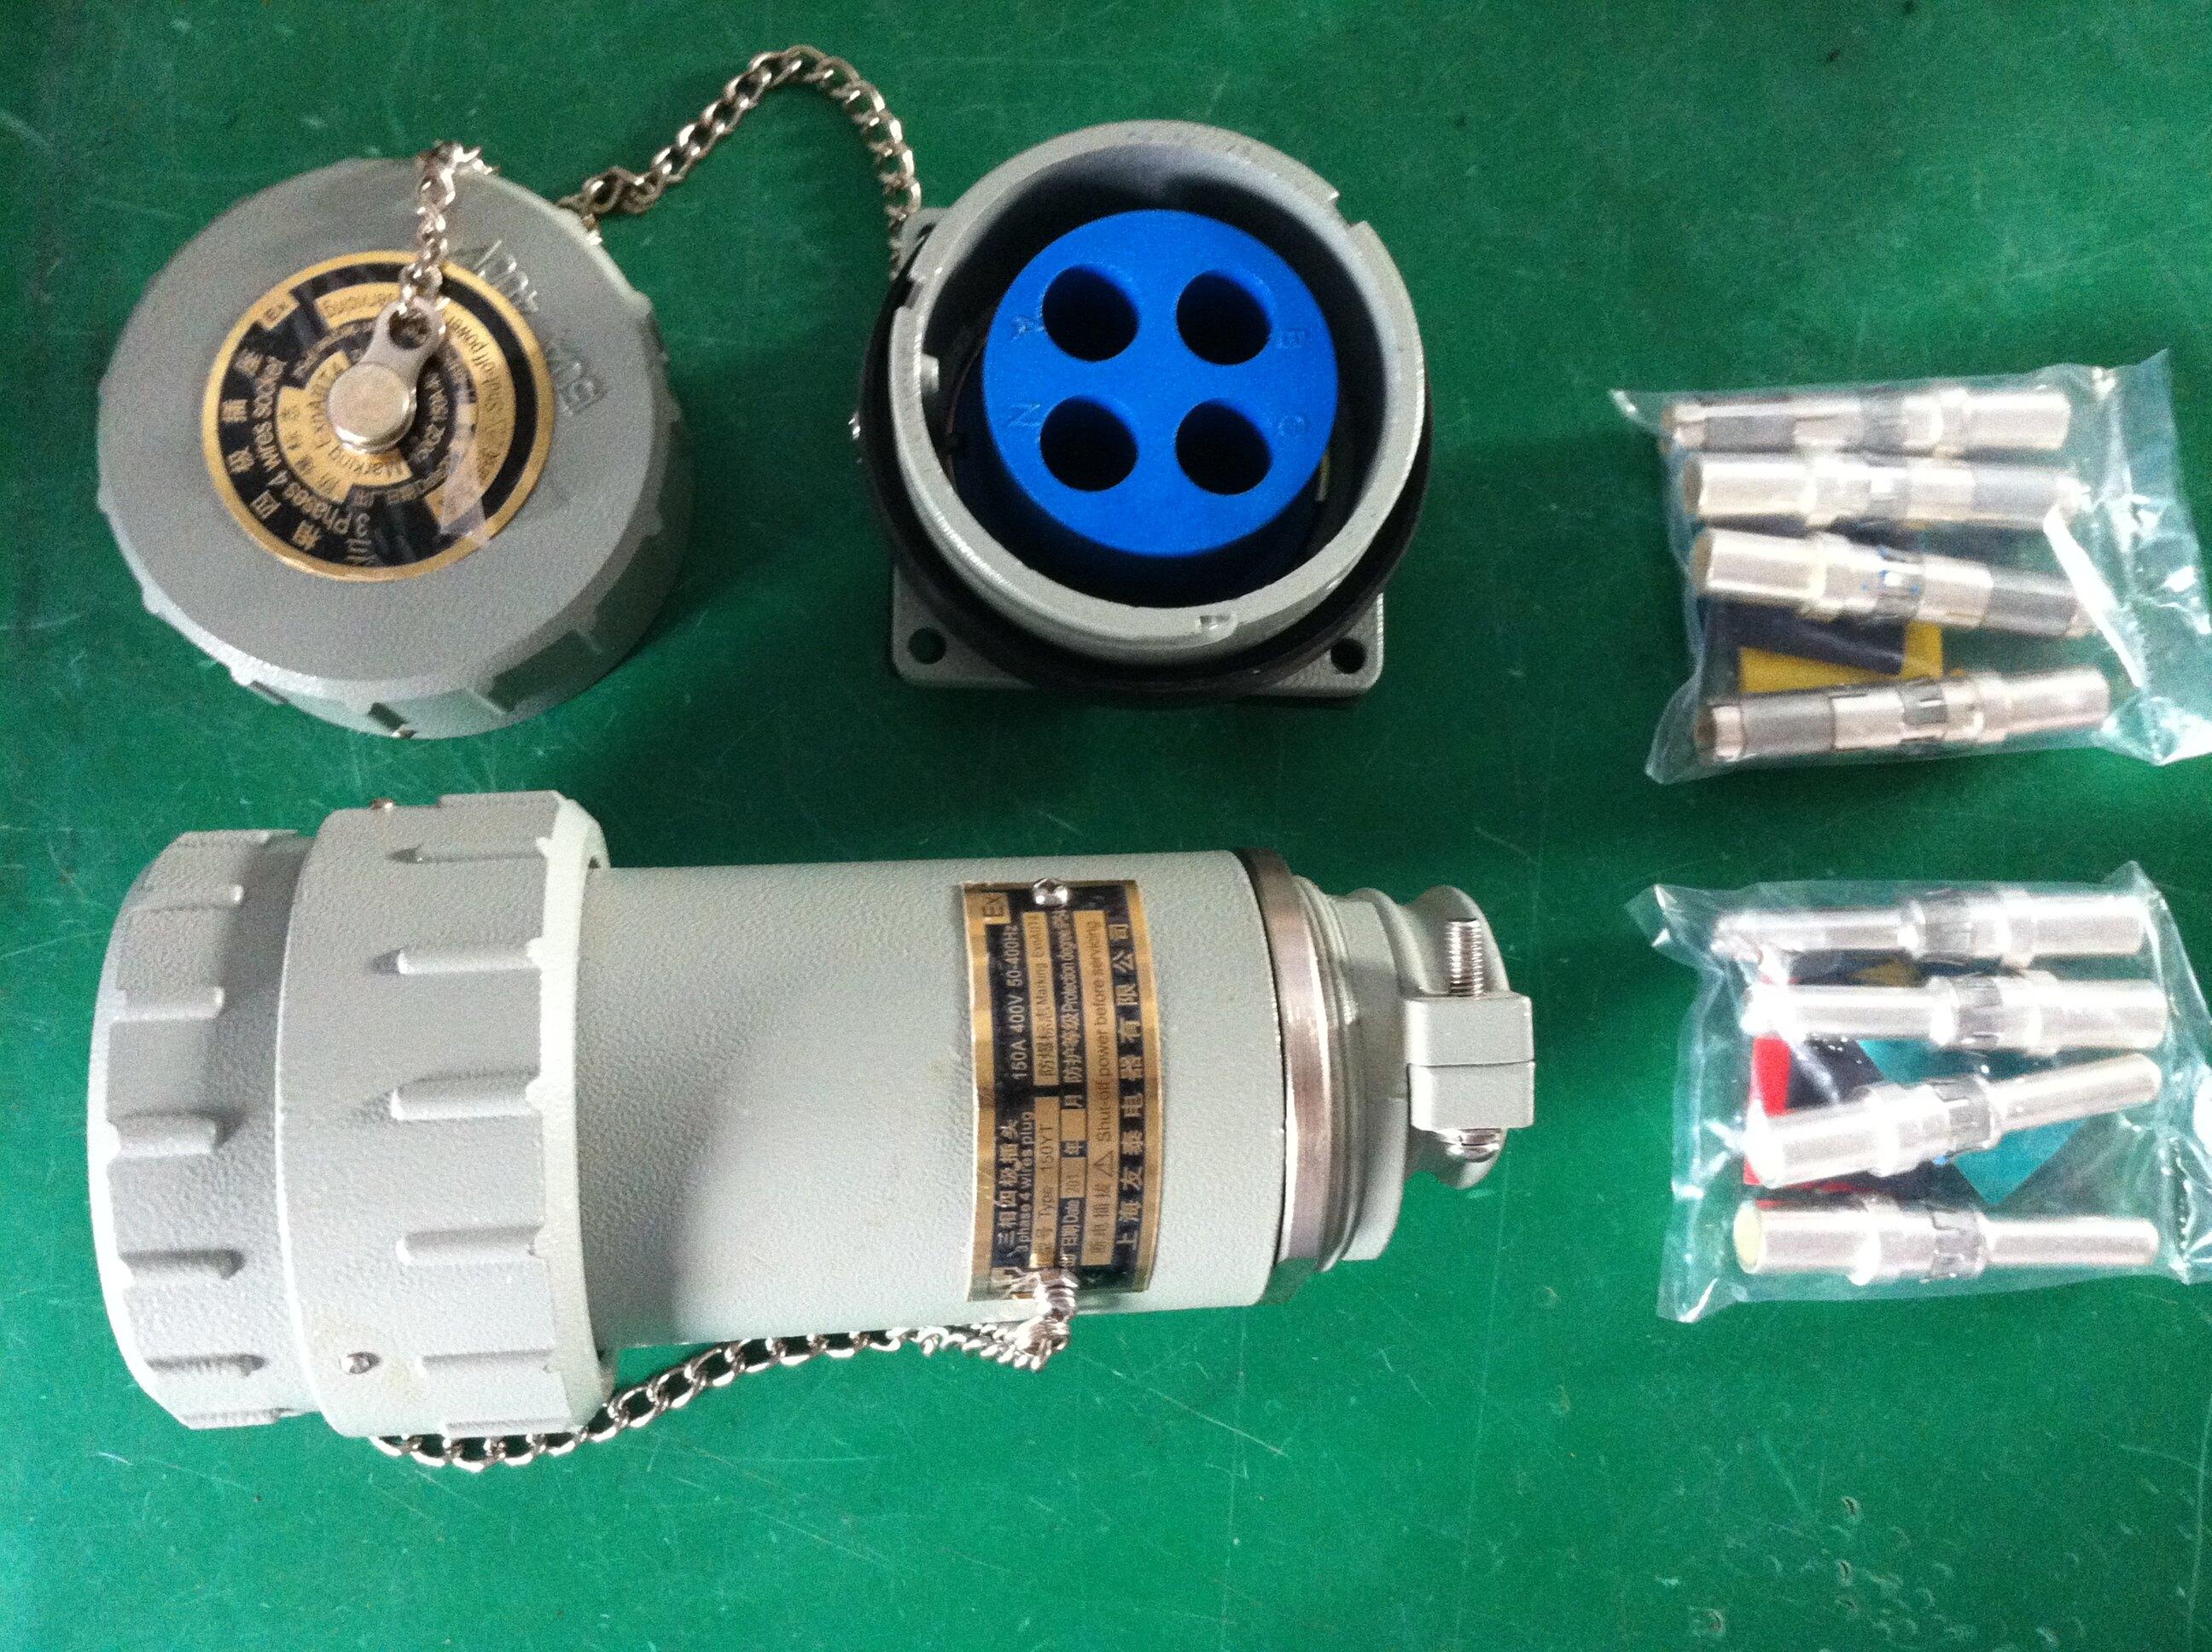 防爆无火花插销   联系电话:18606655160 QQ:27390701 产品特点 连接器在保持传统产品安装尺寸的基础上,结构做了较大的改进,使之外型美观,工作更加可靠,通过电流量能力更大,安装更回方便安全,尤其在电缆连接方面具有既可焊接、也可压接的特点,给用户创造了极大的工作方便。 适用范围 海拔高度不超过2000m 相对湿度不大于95%(+25) 环境温度-20~+40 爆炸性气体混合物场所:2区 爆炸性气体混合物:A、B、C 主要技术参数 工作电压:AC220V、AC400V 工作电流